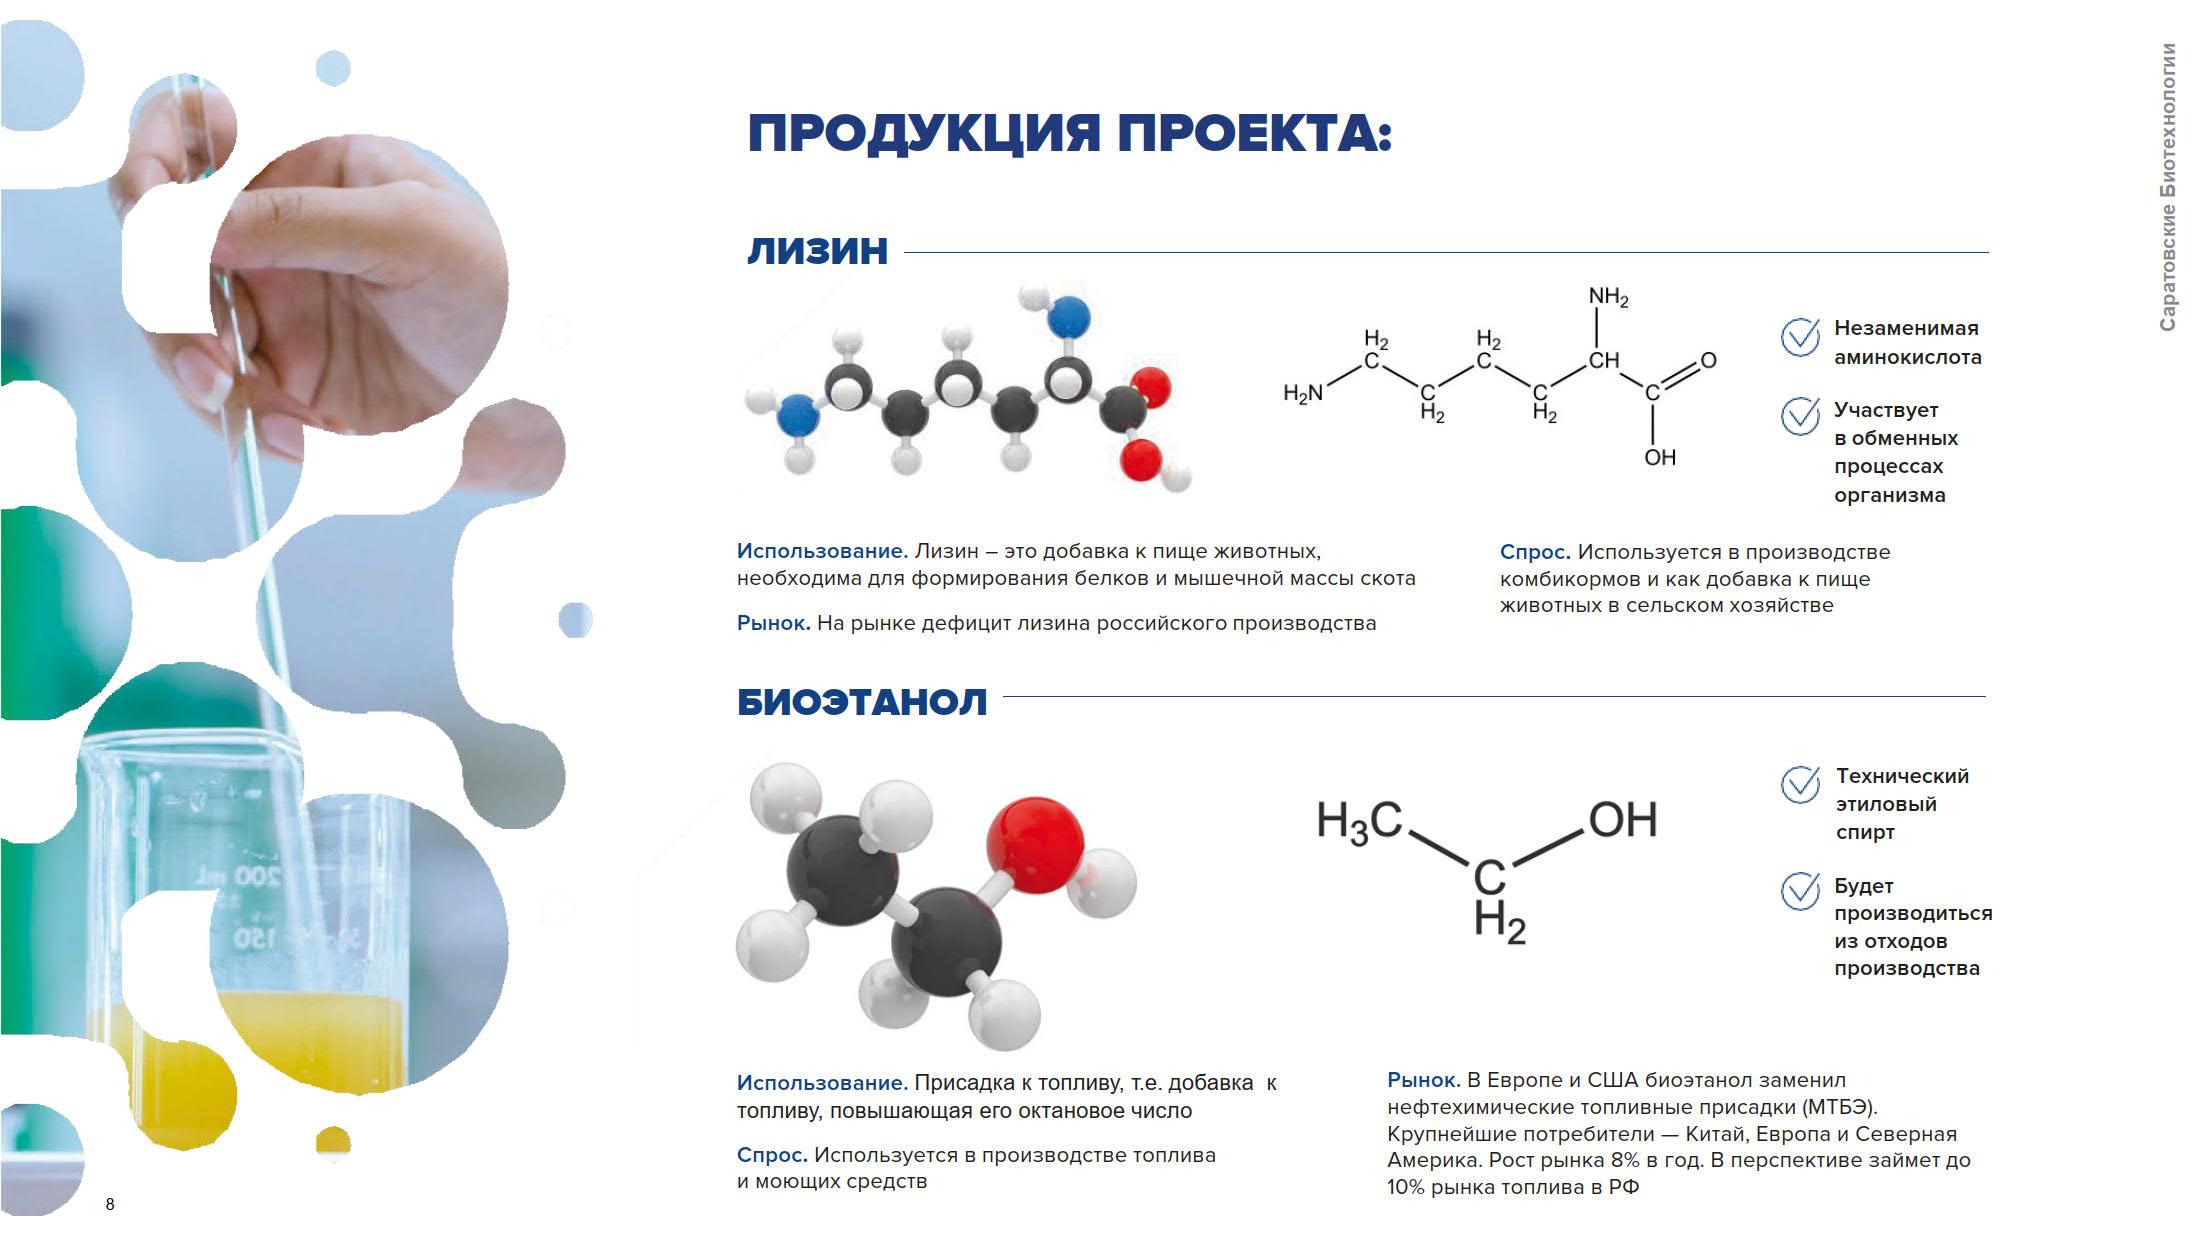 prezentacziya-kompleksa-dlya-proizvodstva-aminokislot-produkcija-proekta